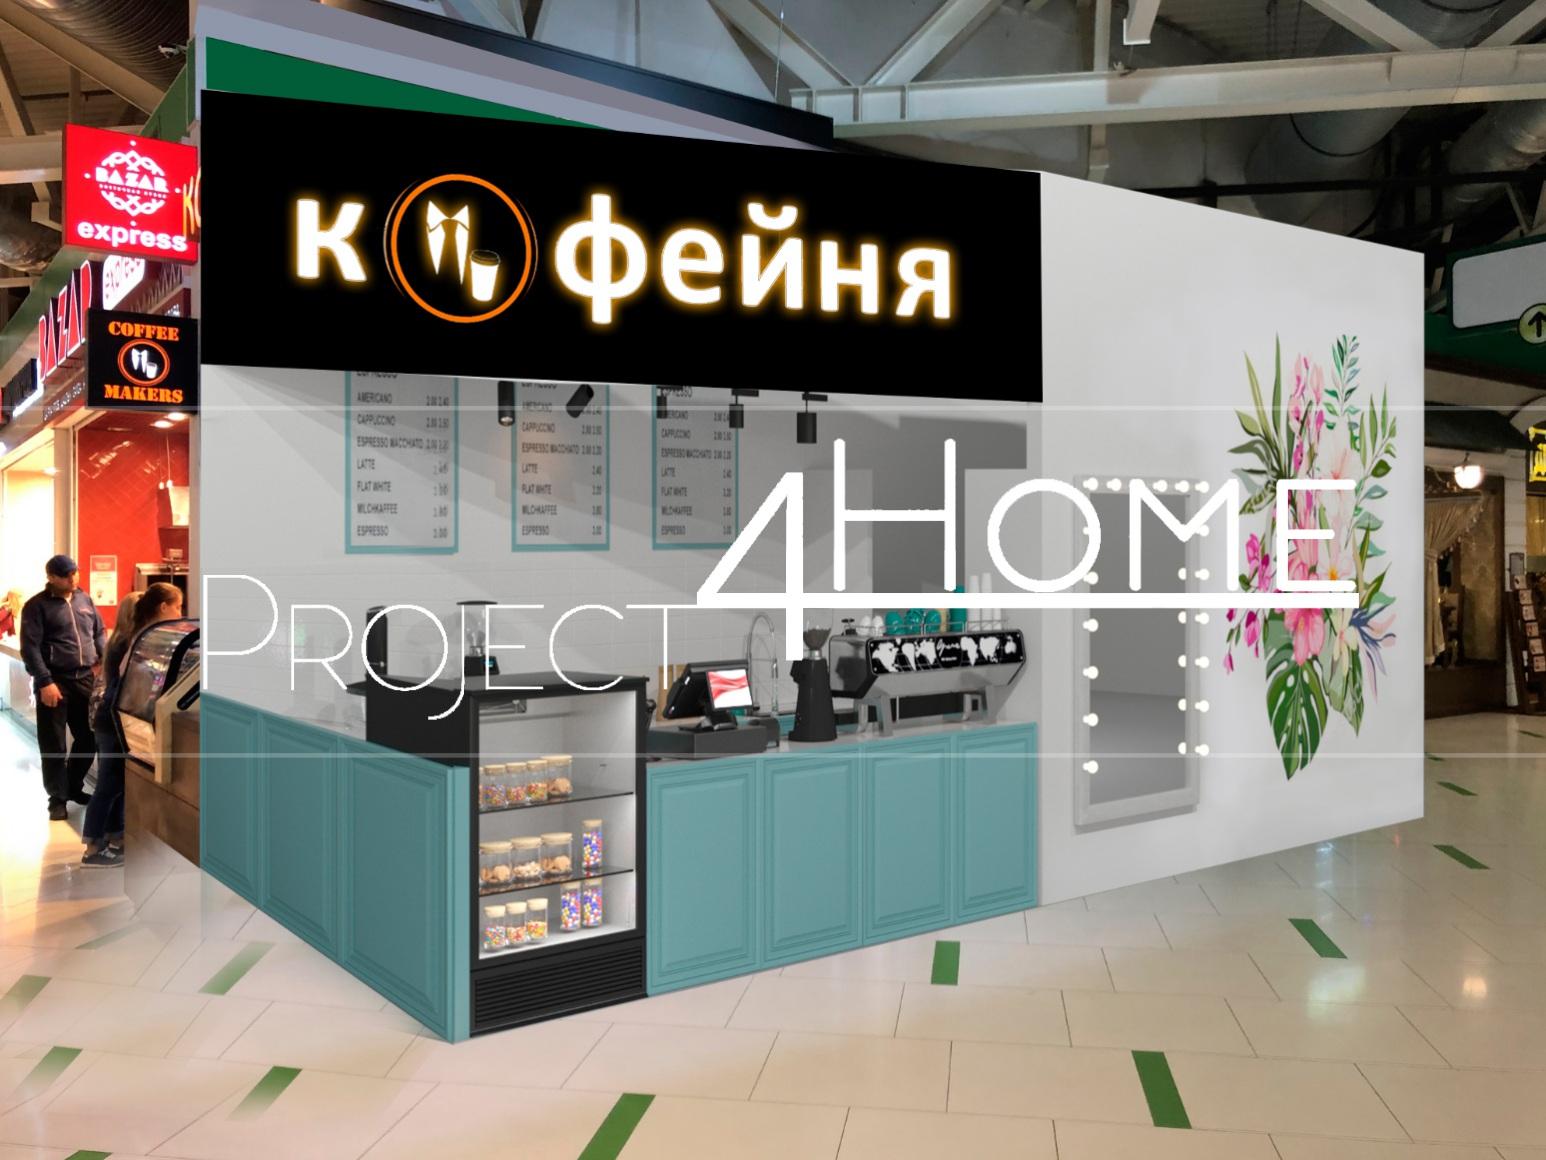 Дизайн-проект кофейни площадью 16 кв.м.